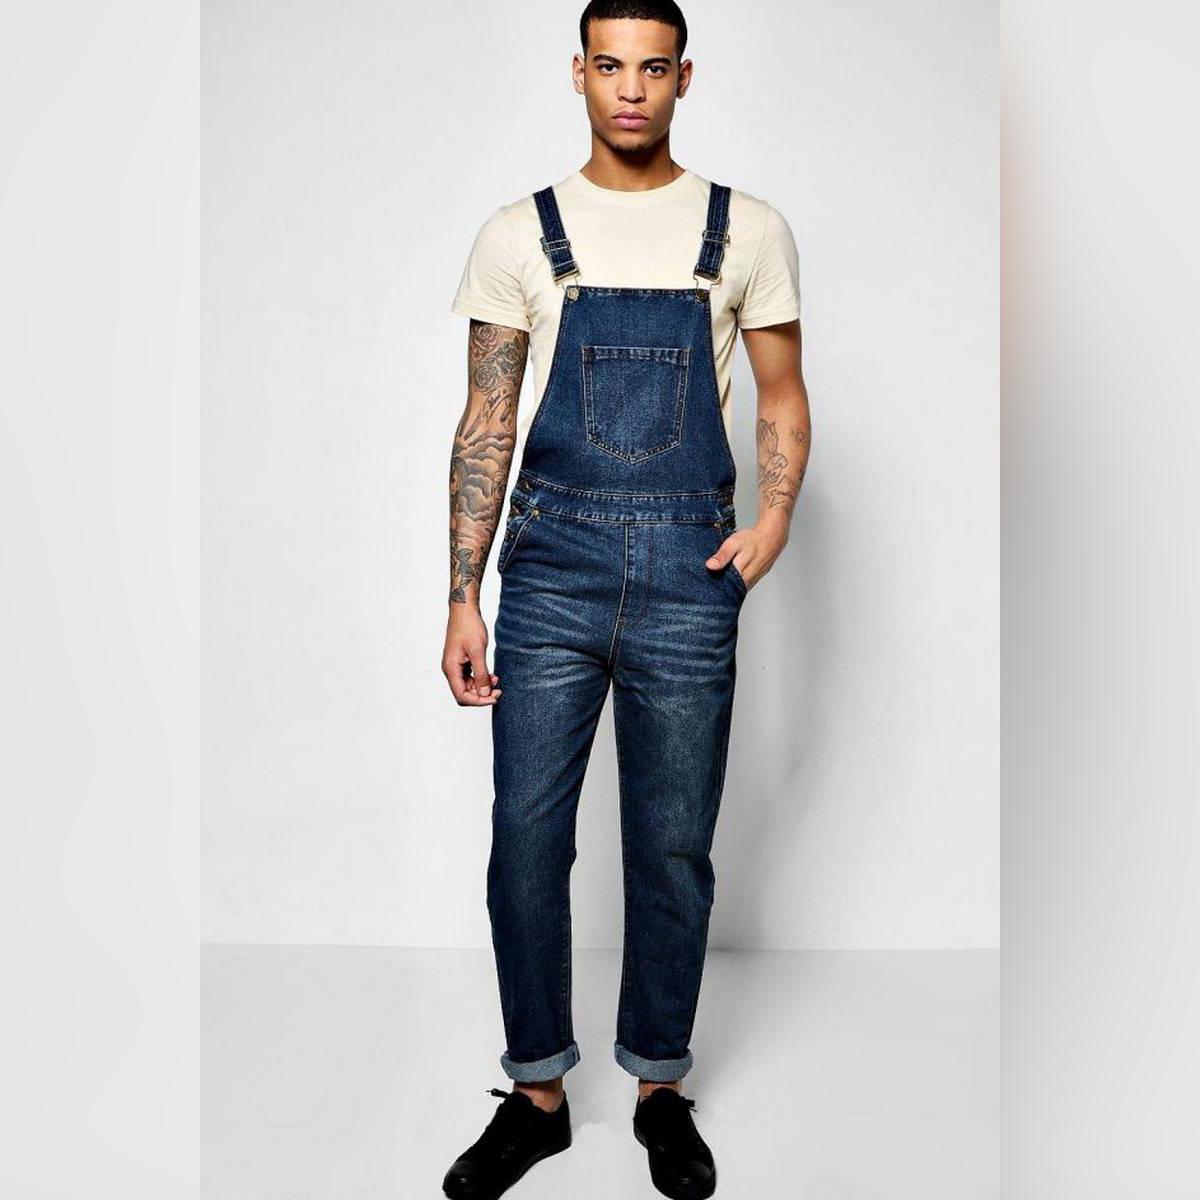 Deep blue Overall denim jumpsuit with adjustable straps for men MR-003